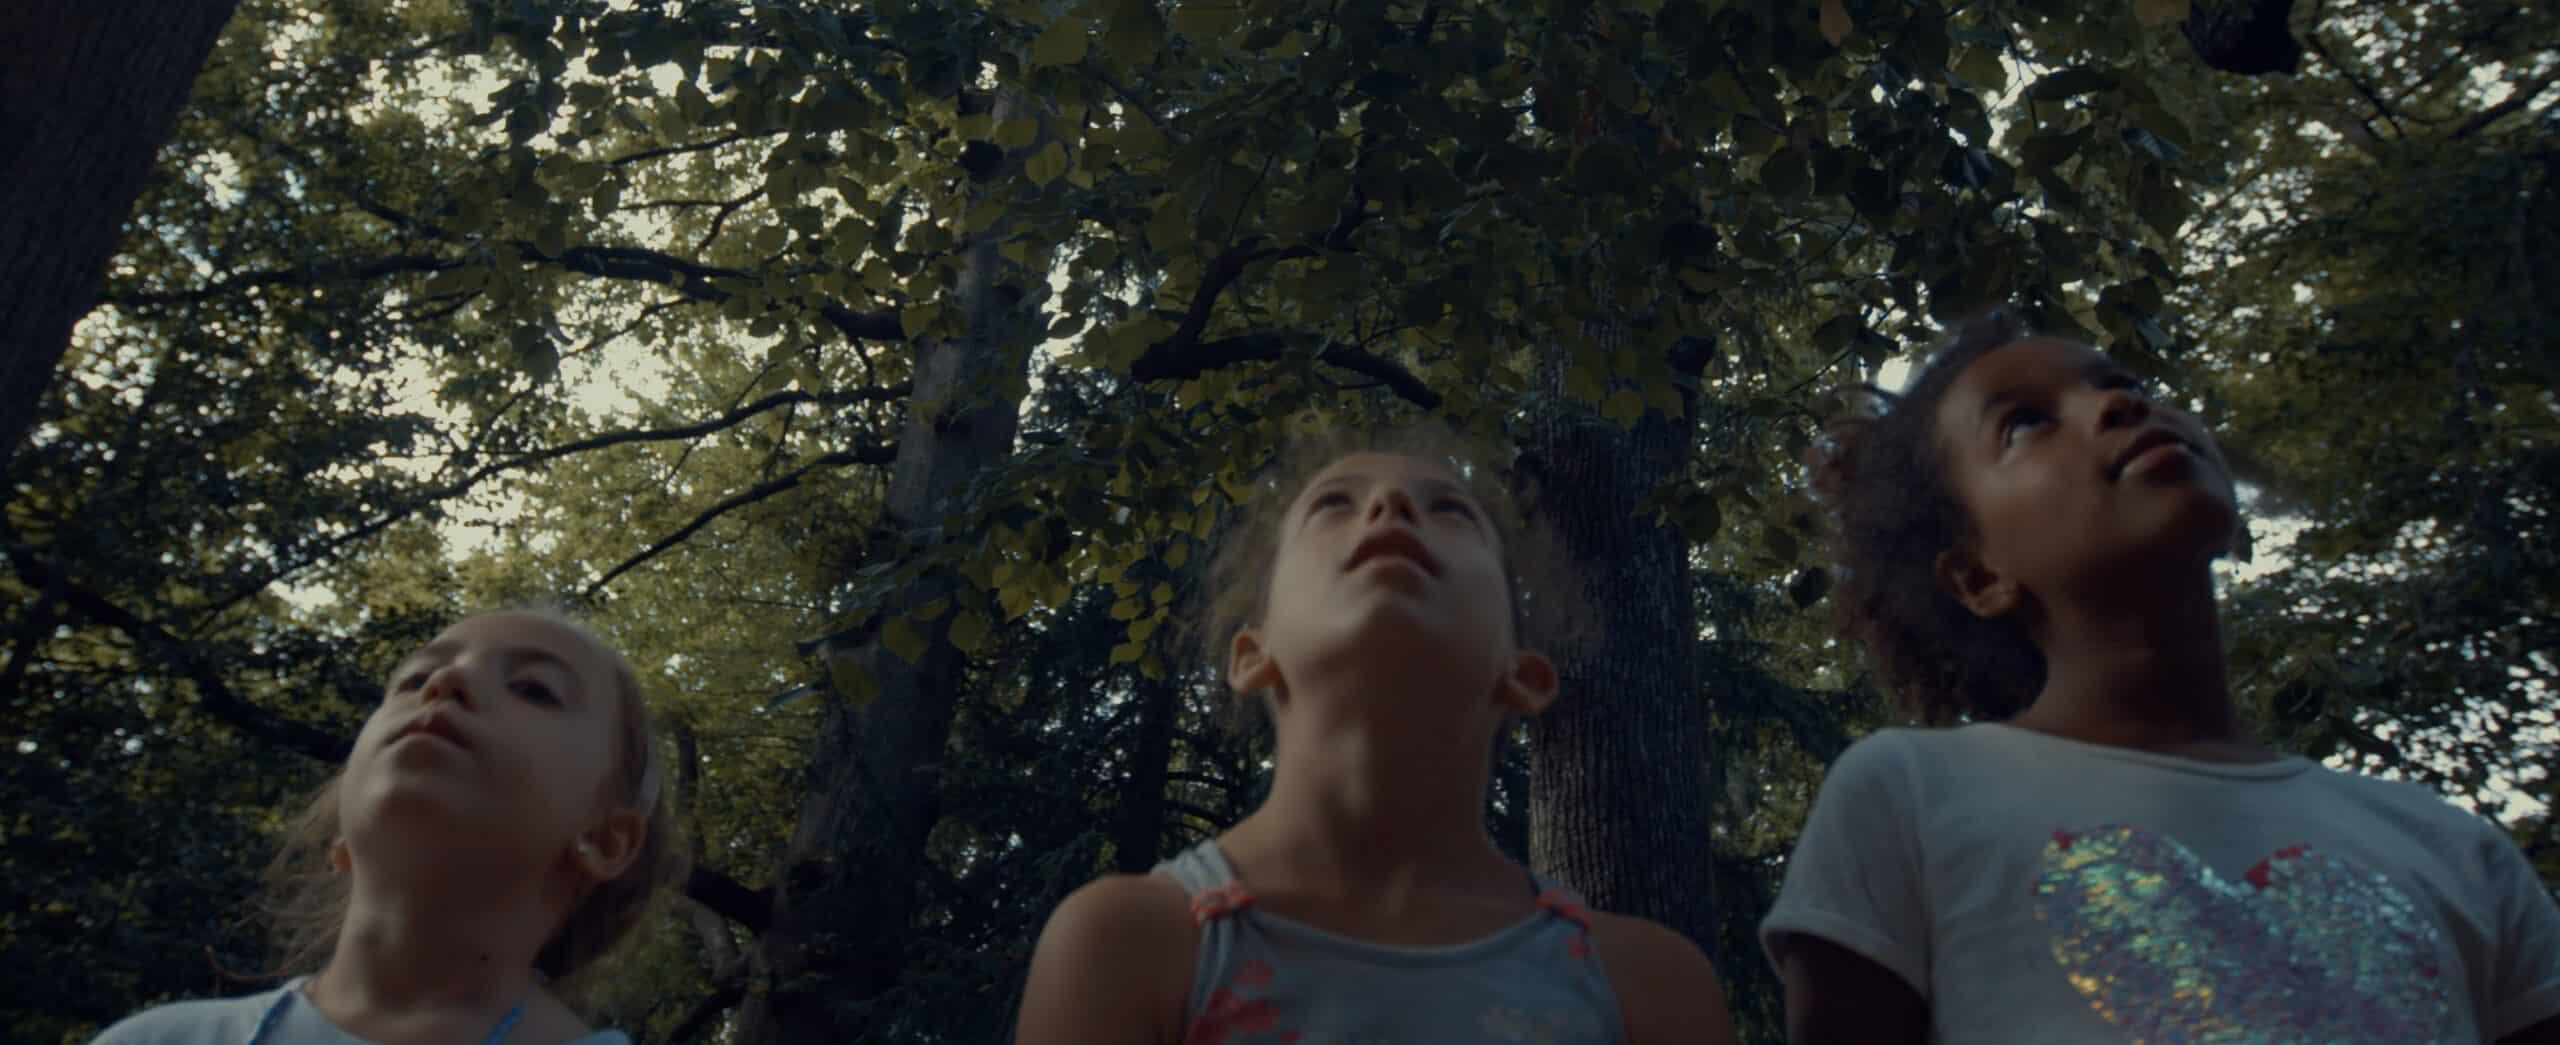 """La favola degli alberi parlanti</br><span class=""""sT"""">Villa Annoni, CUGGIONO</span>"""